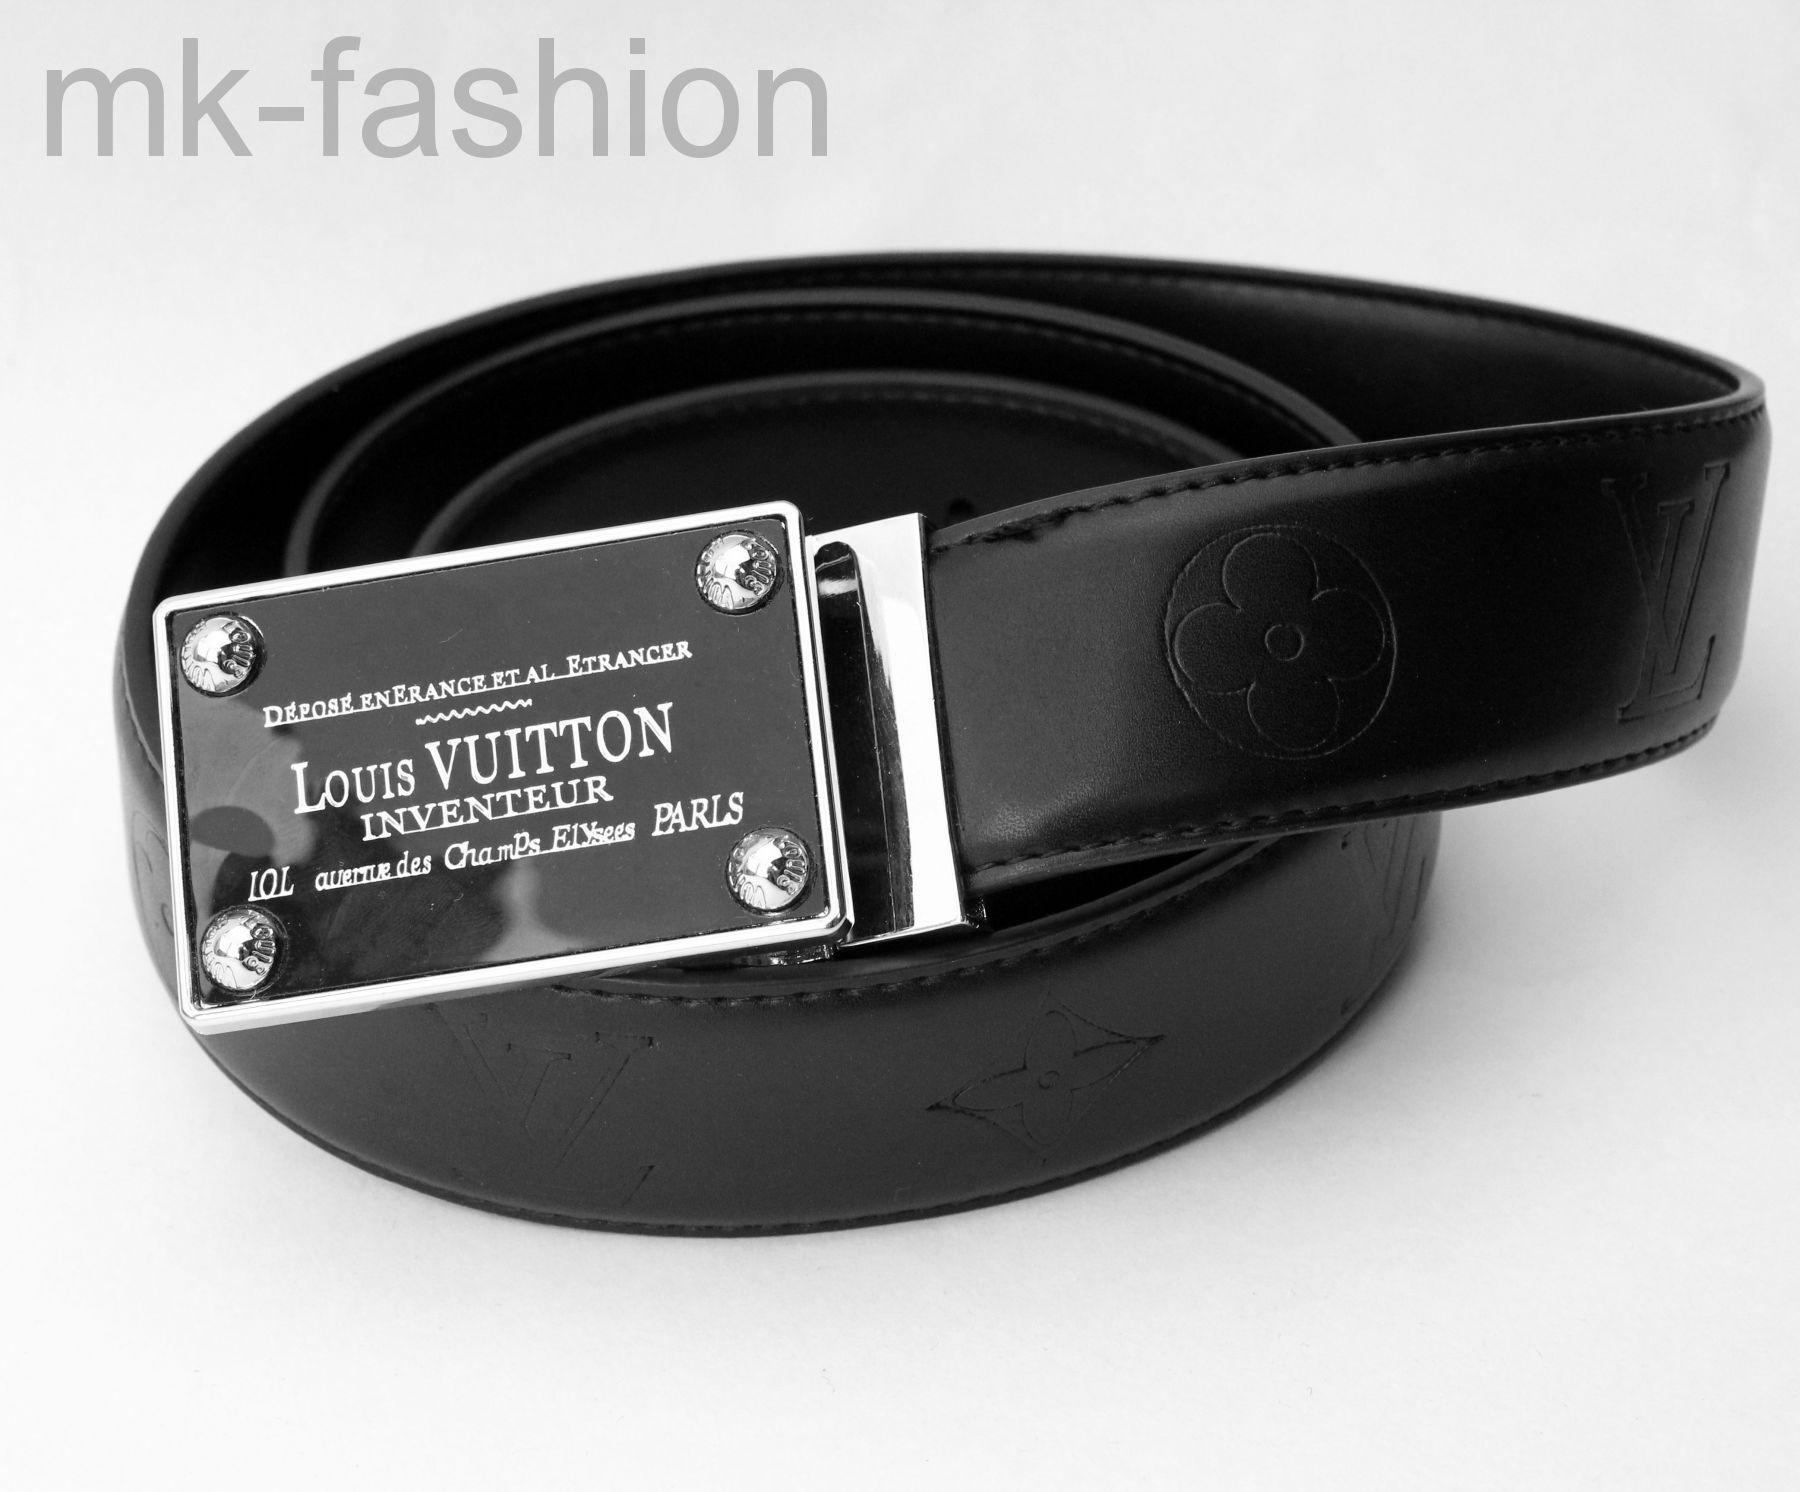 8fd1c4655341 Ремень Louis Vuitton Inventeur 423 - кожаный классический, точная ...